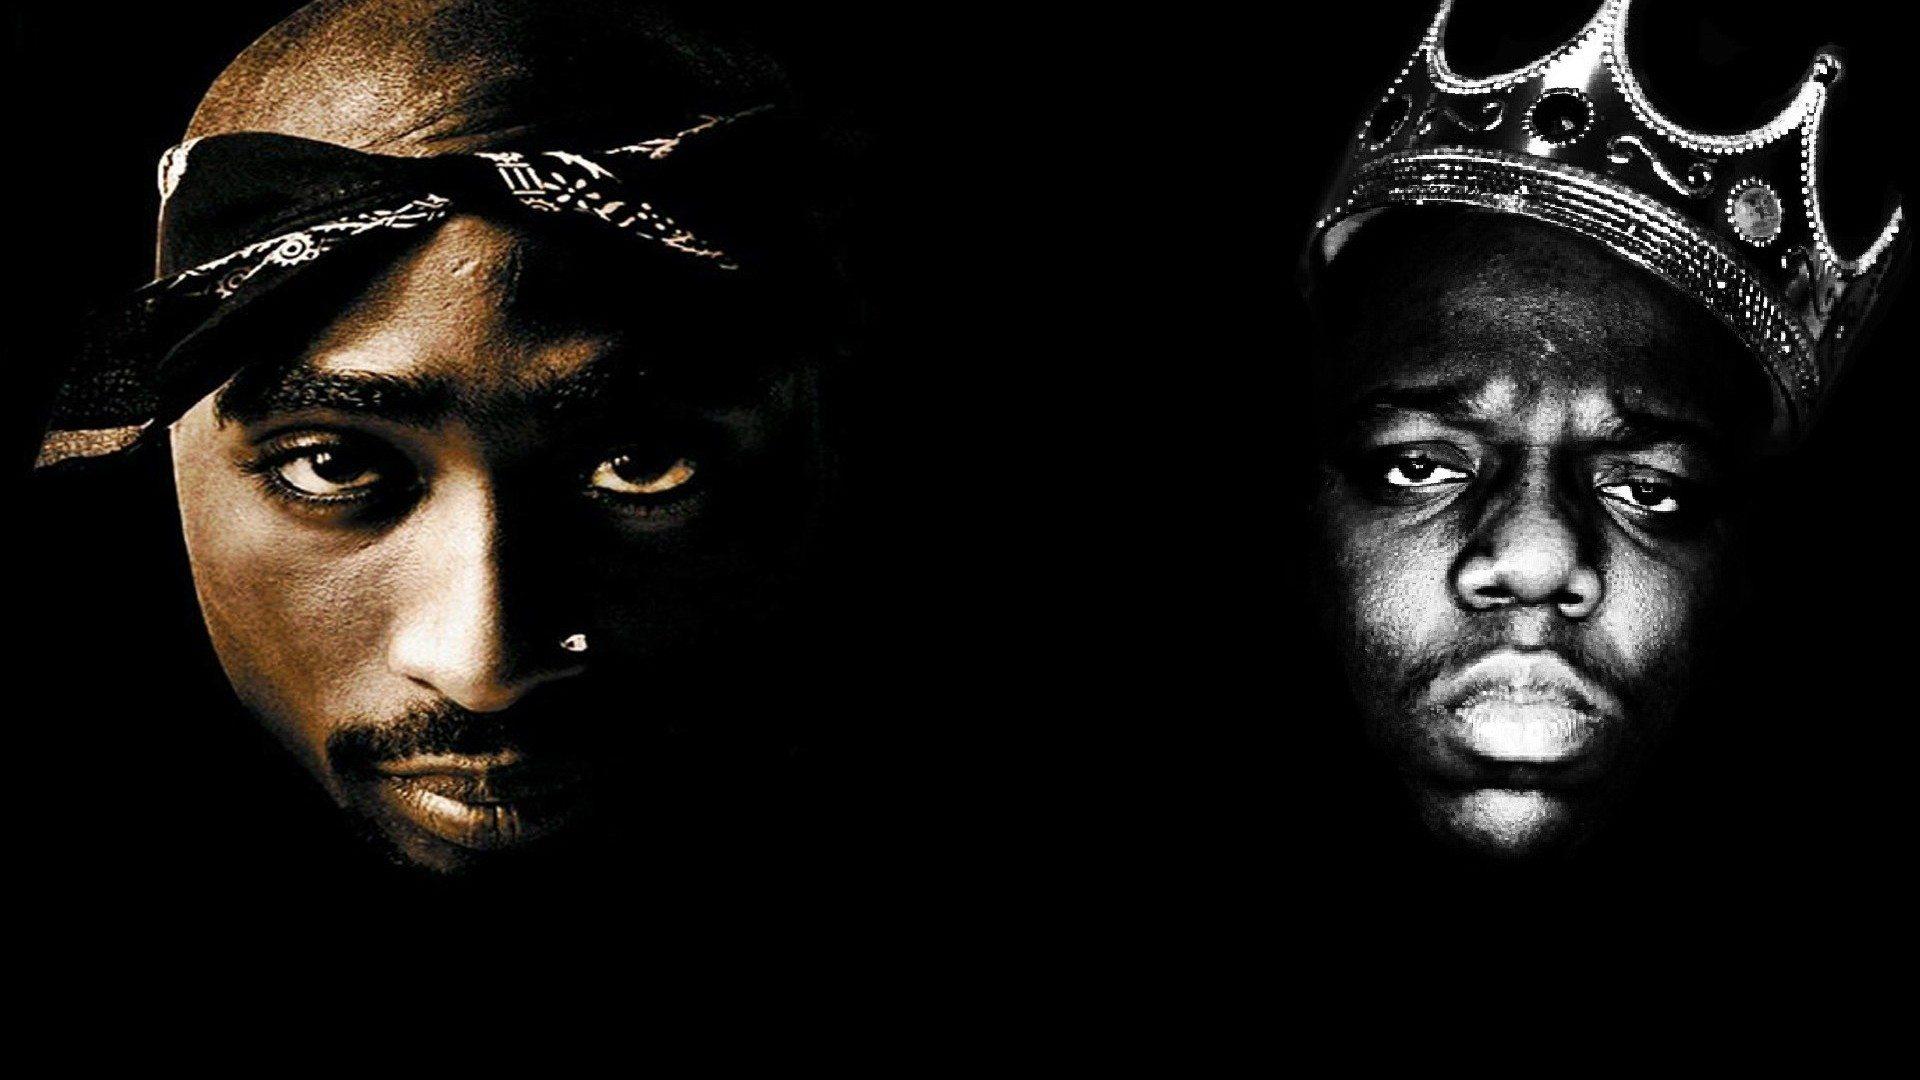 TUPAC_BIGGIE_SMALLS_gangsta_rapper_rap_hip_hop_______f_1920x1080